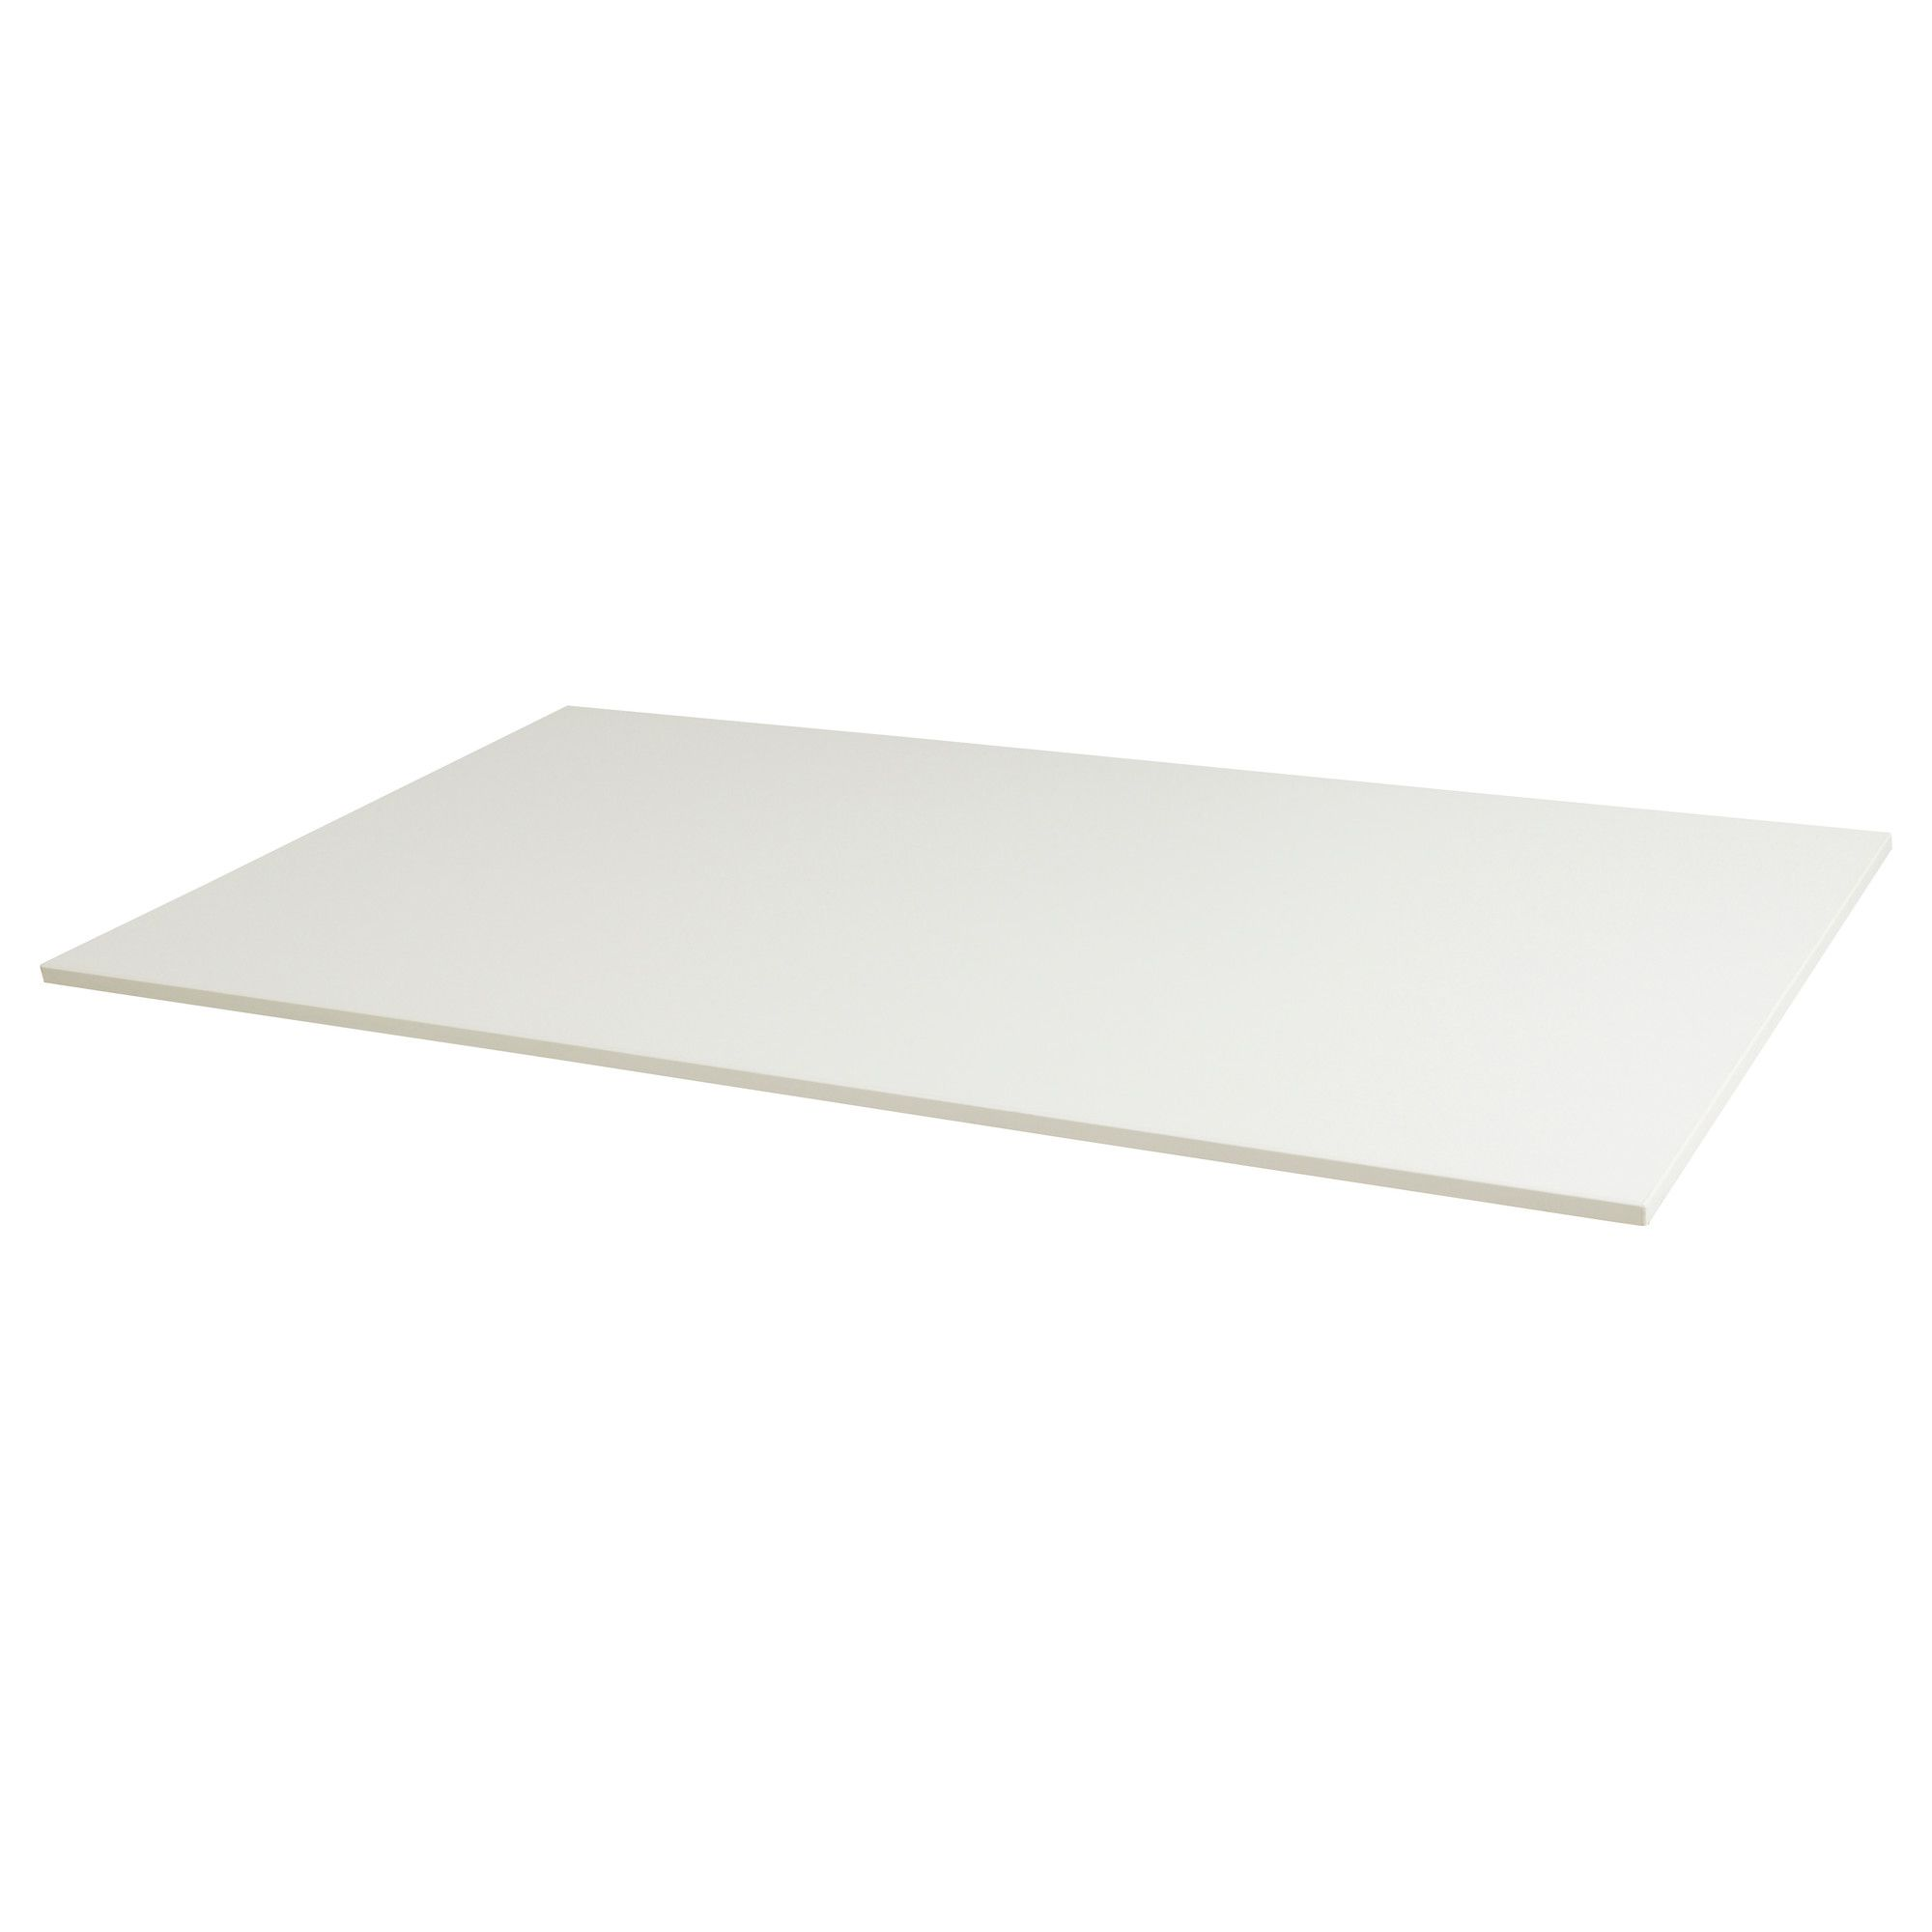 Galant Tafelblad Met Frame Ikea Goede Afmeting Voor Op